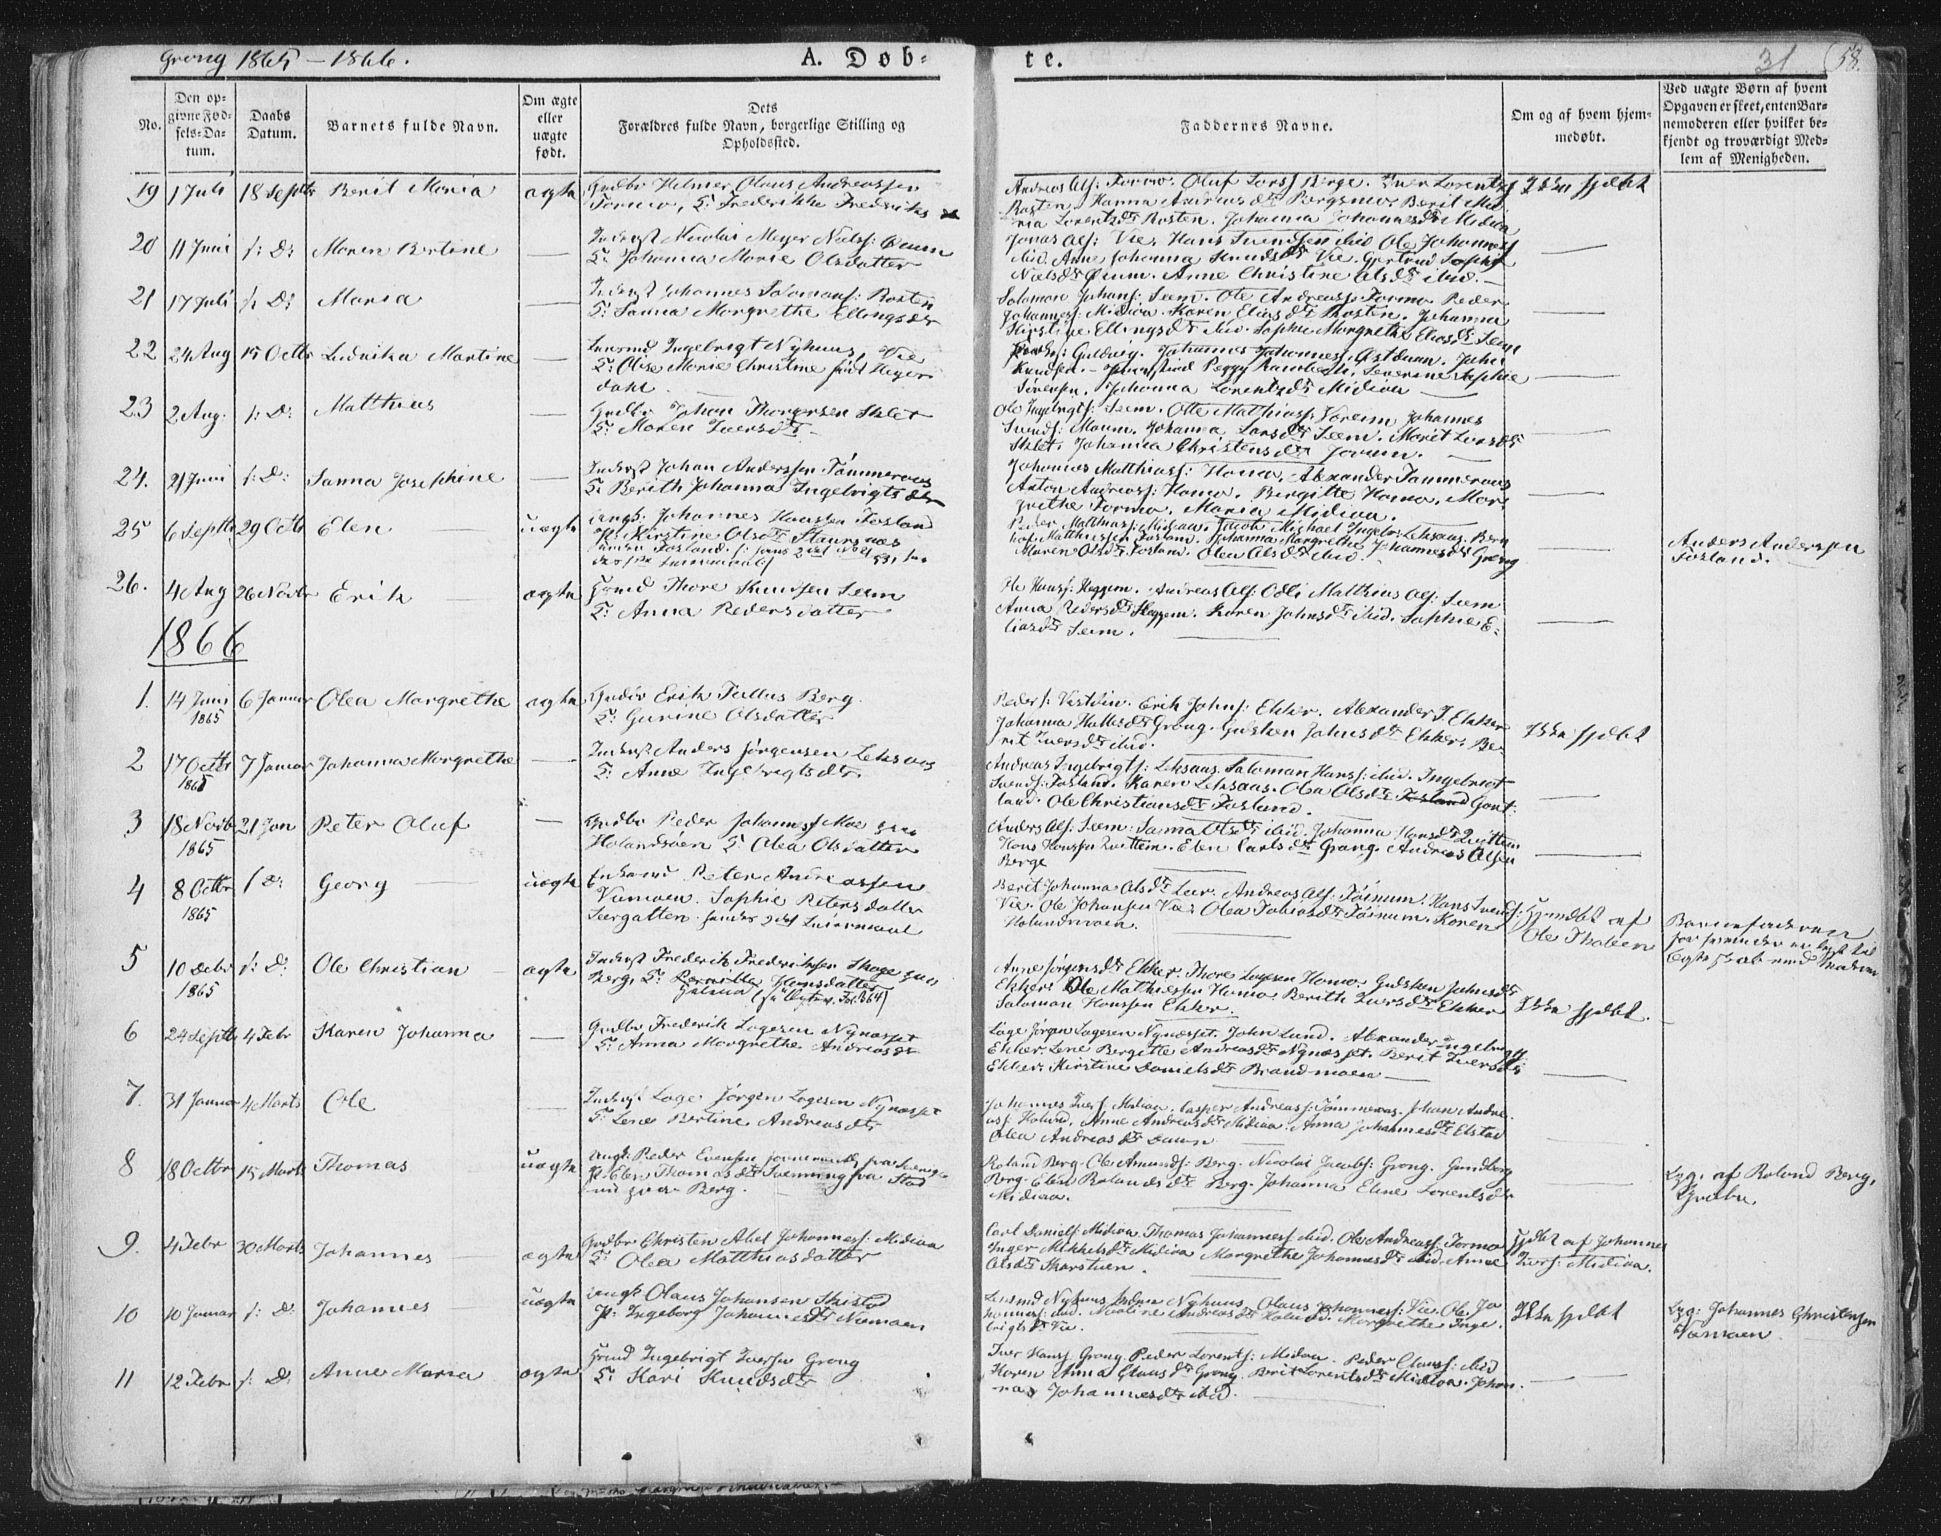 SAT, Ministerialprotokoller, klokkerbøker og fødselsregistre - Nord-Trøndelag, 758/L0513: Ministerialbok nr. 758A02 /1, 1839-1868, s. 31